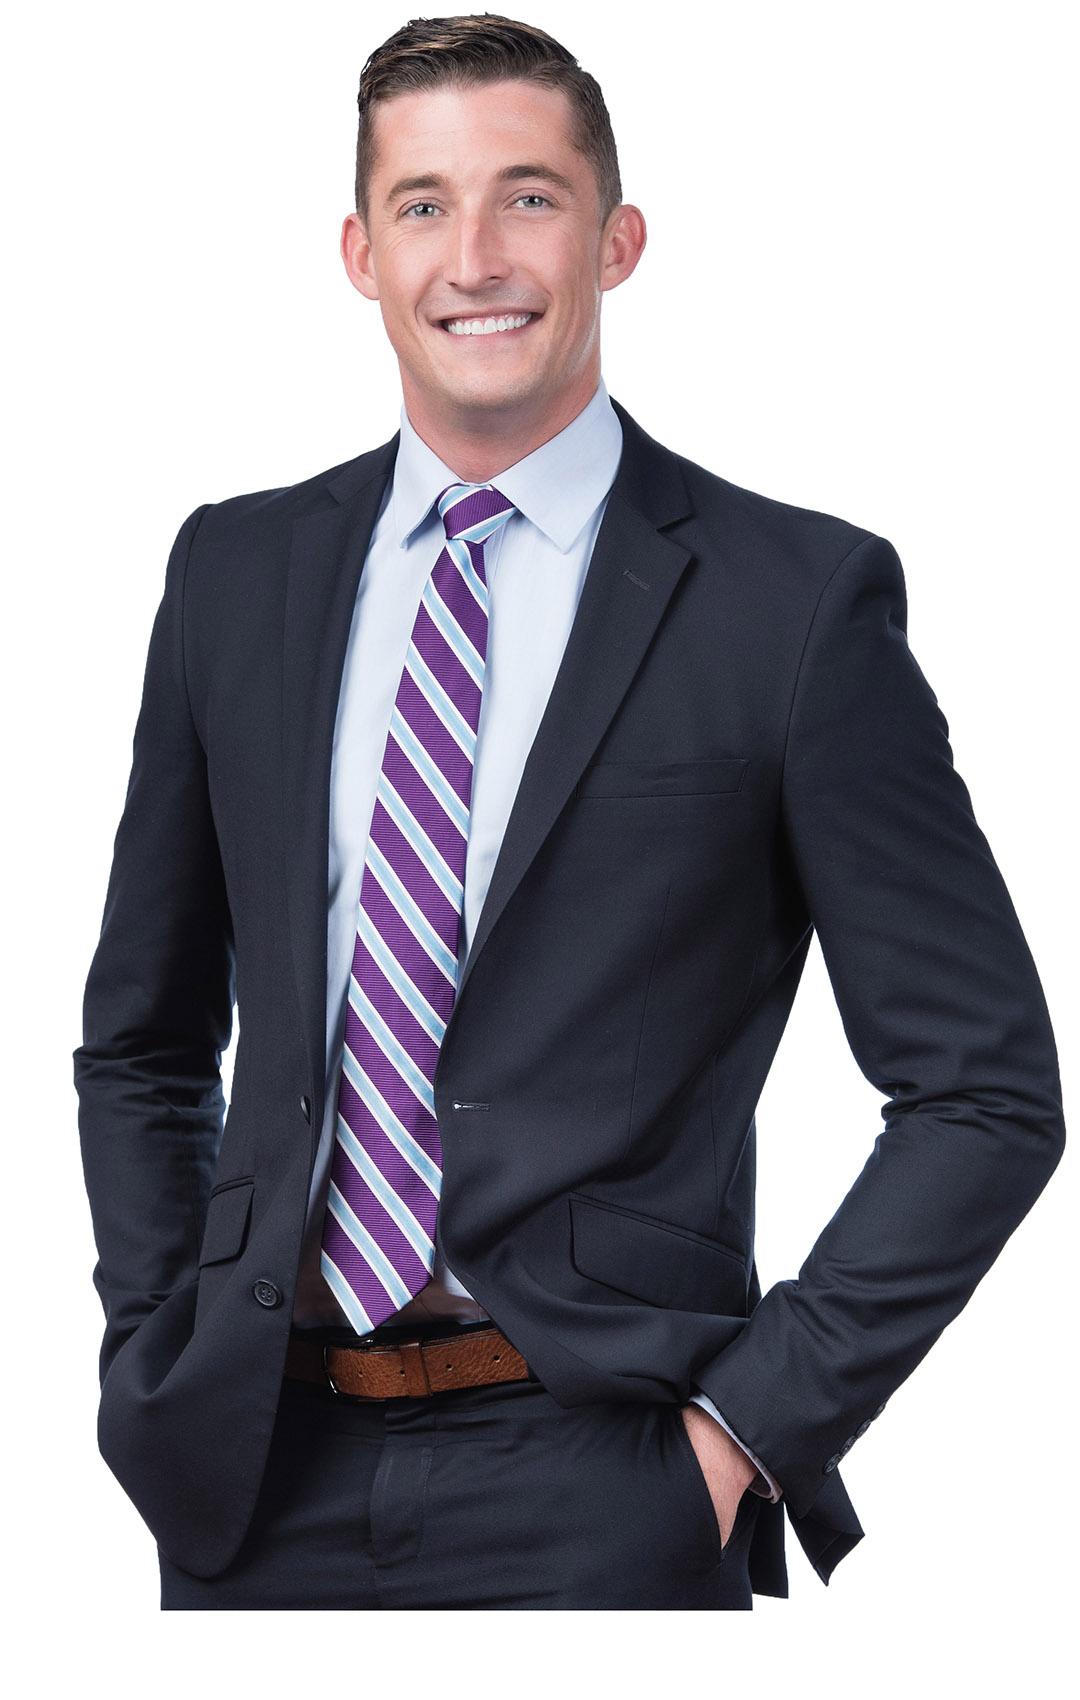 David M. Barnes, Jr.